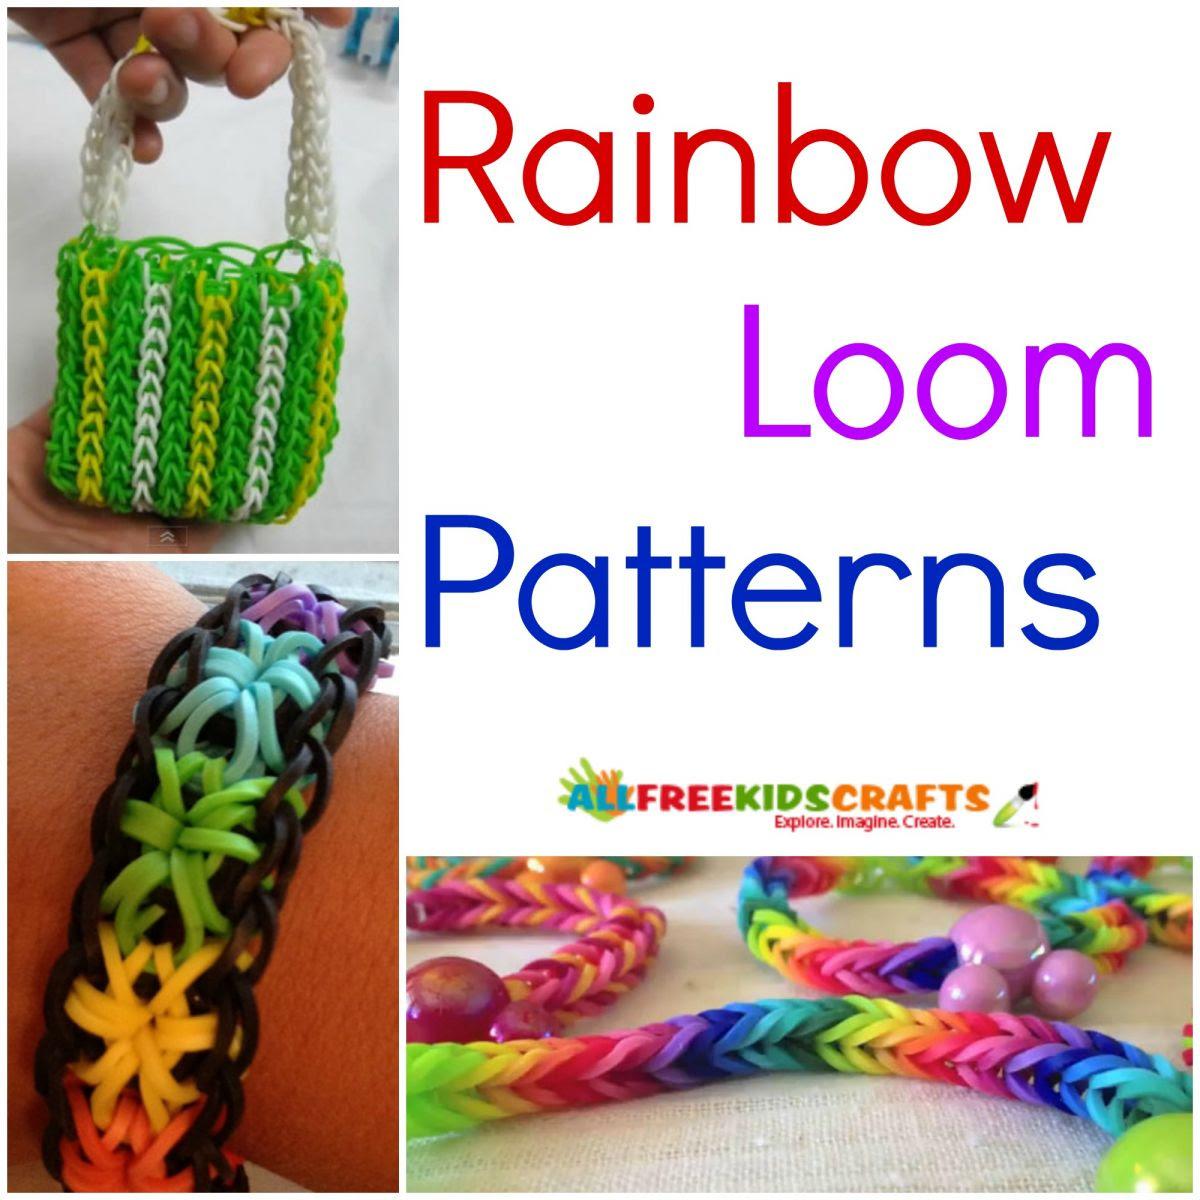 Rainbow Loom Patterns